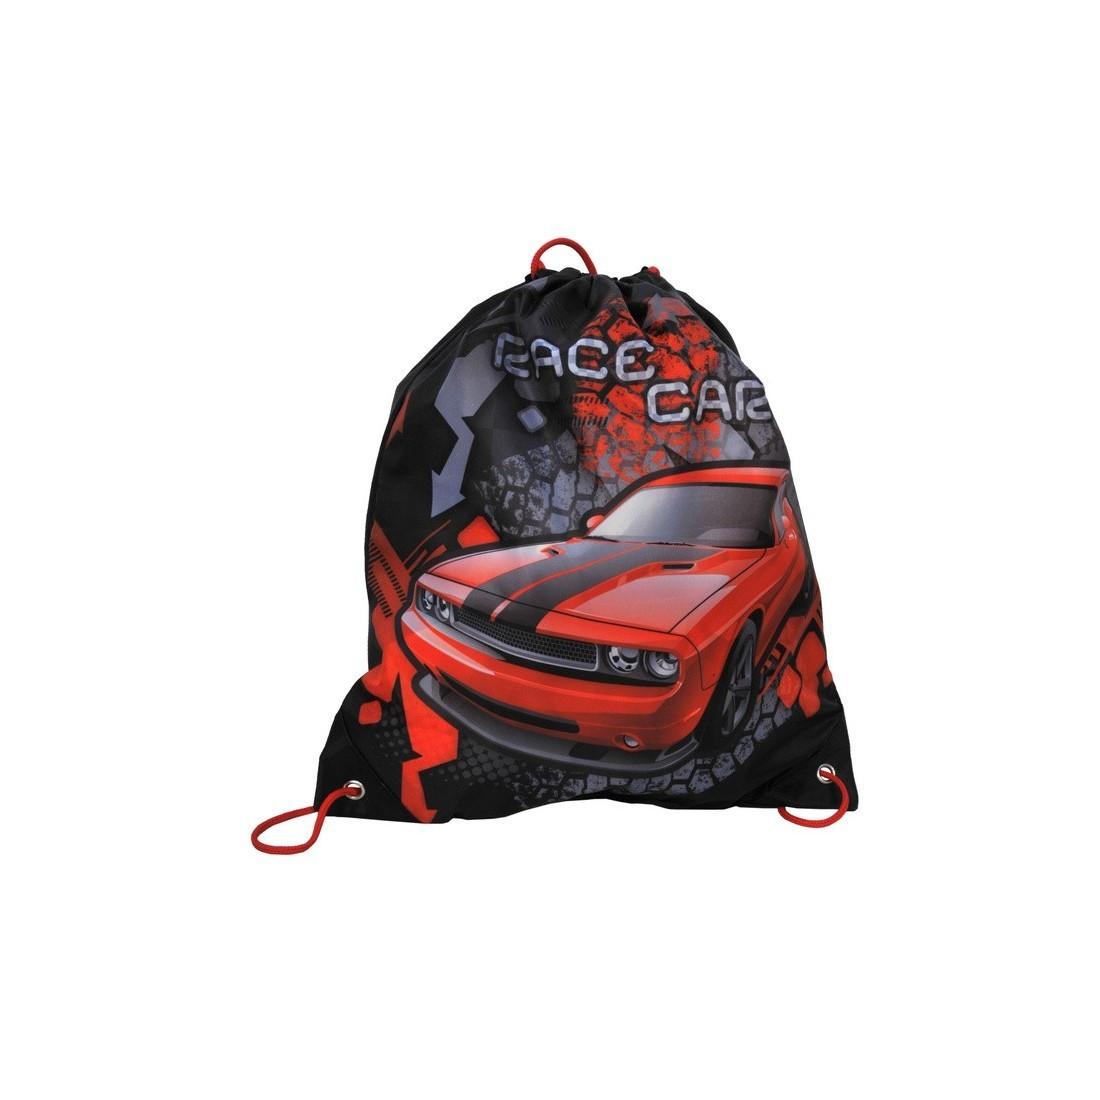 Worek na obuwie czerwony z autem Challenger - plecak-tornister.pl